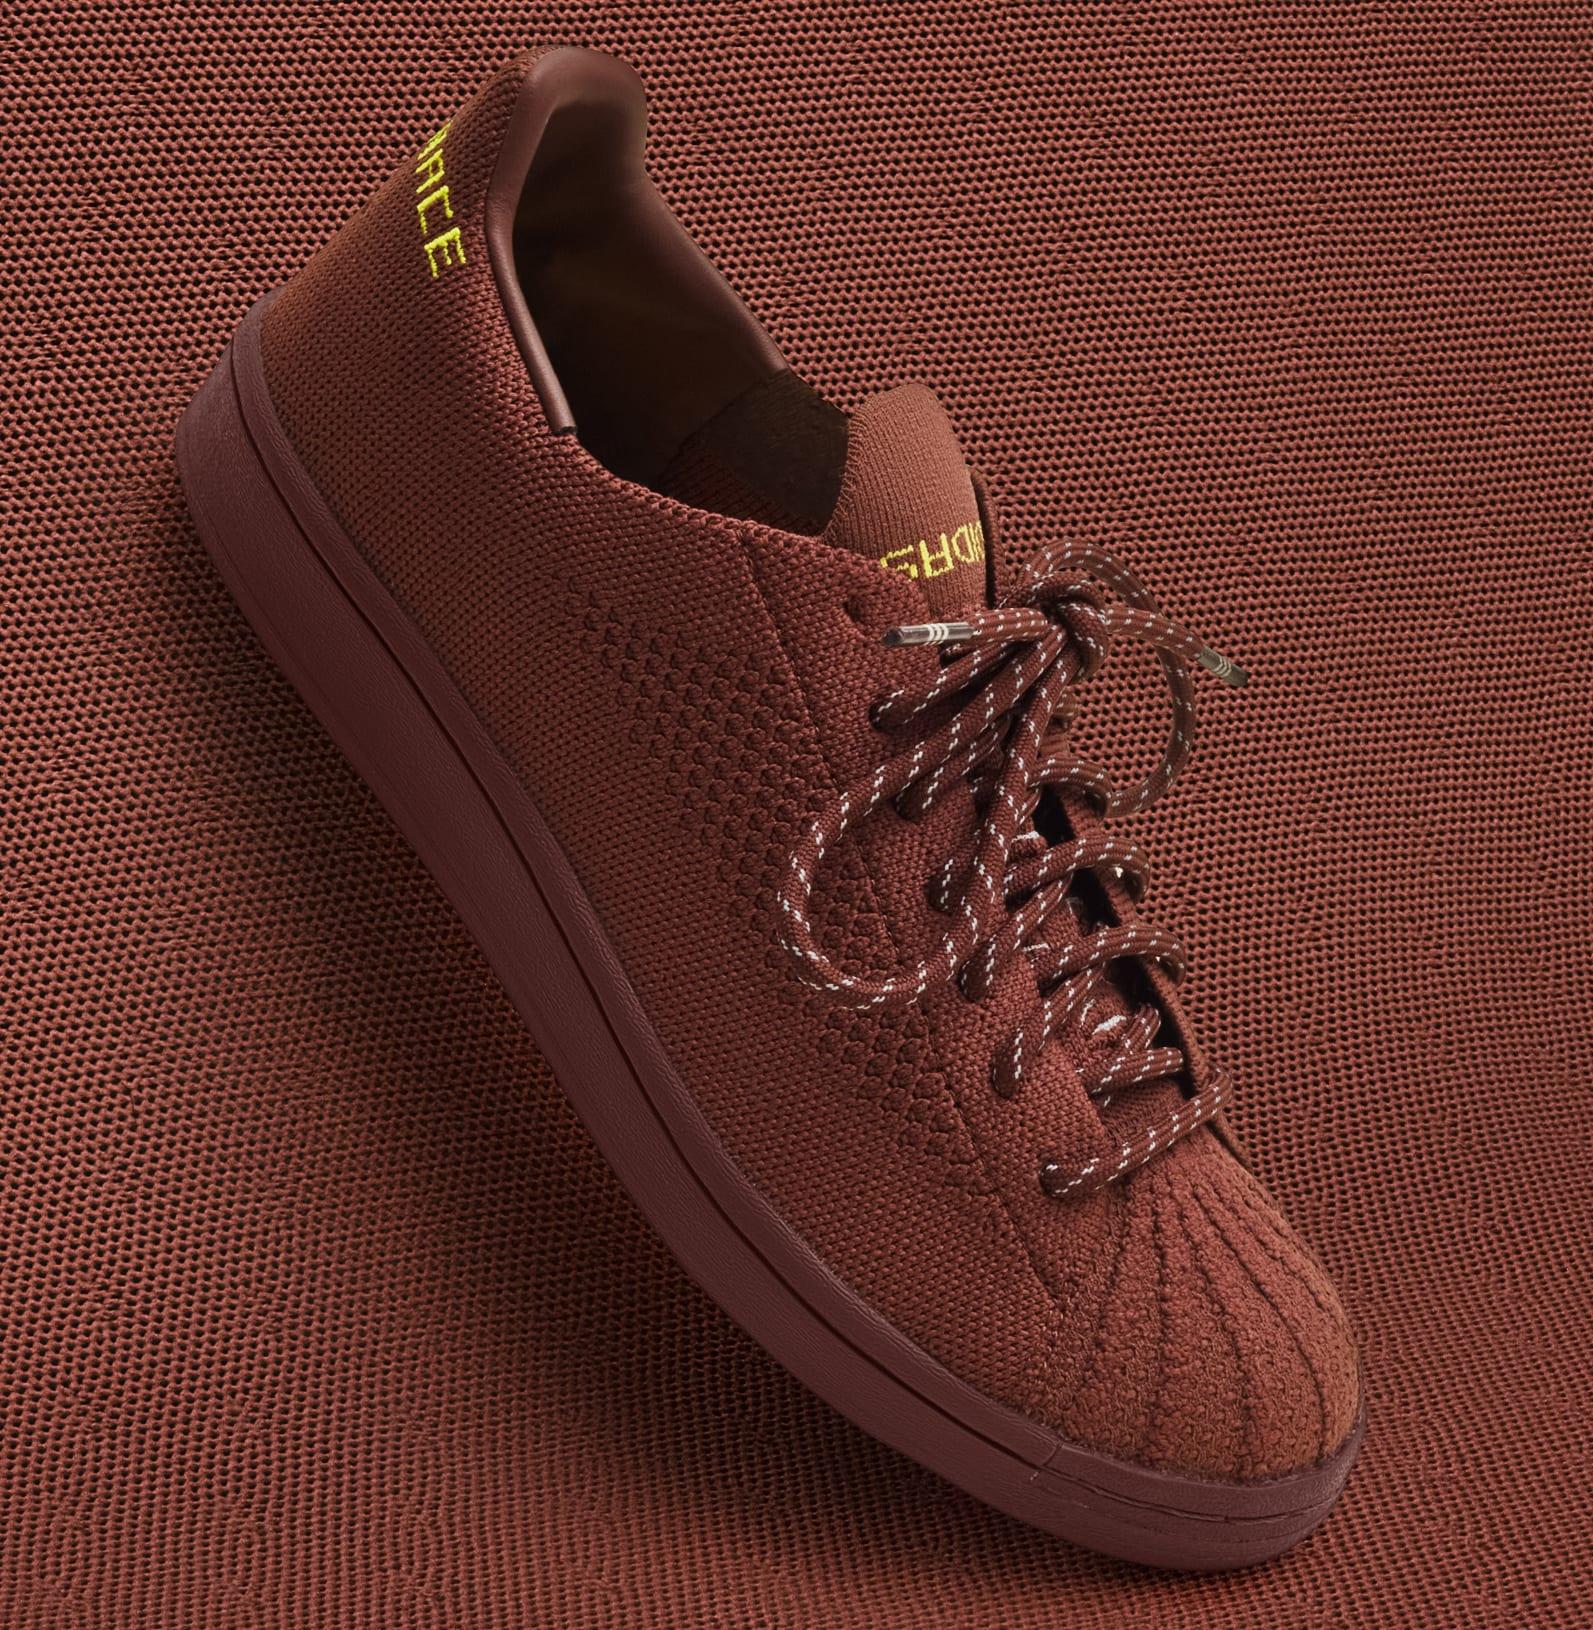 Pharrell x Adidas Superstar Brown